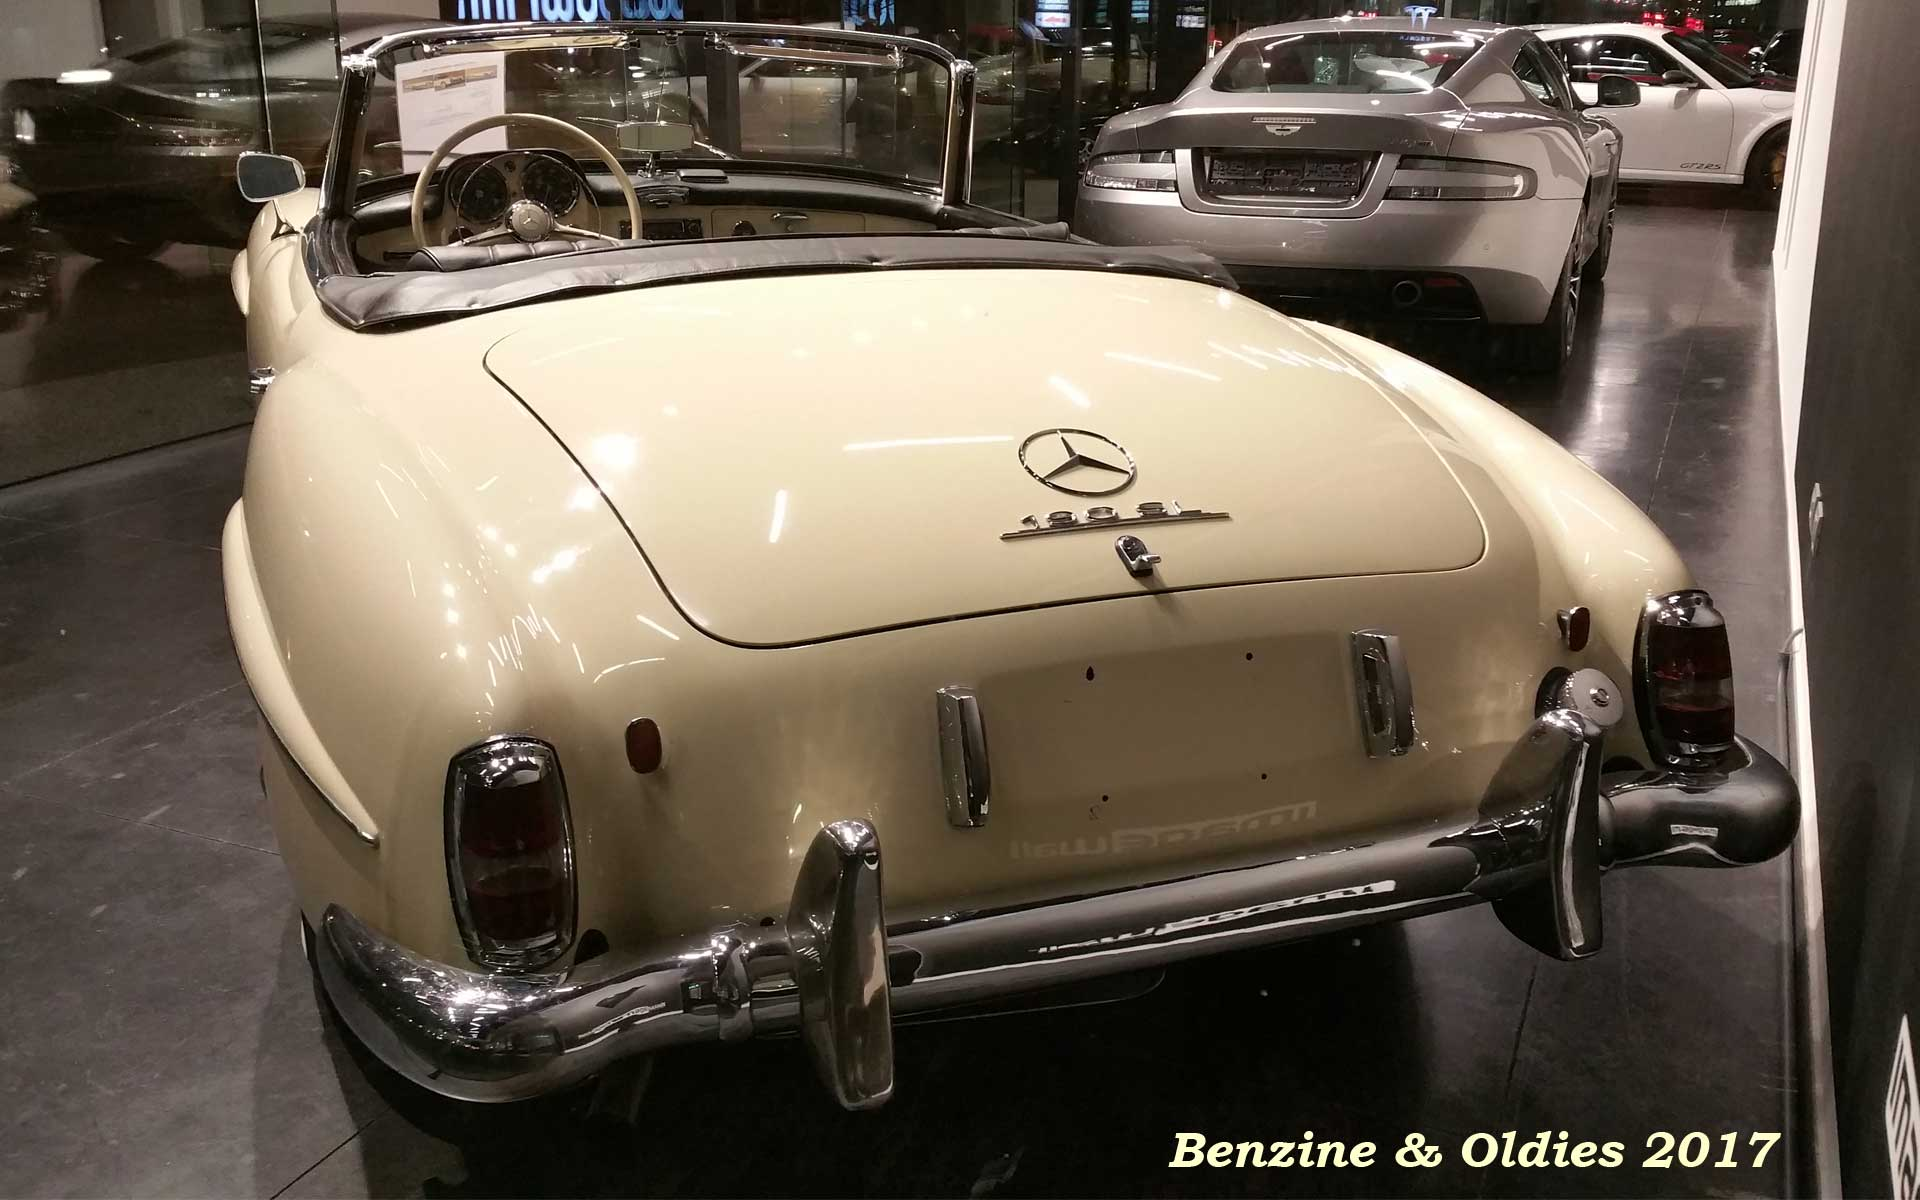 Une Mercedes-Benz 190 SL - w121 b2 - à vendre chez Vandenberghe à Sint-Martens-Latem (Belgique) Mb_w121b2_190_sl_street_170321_09_w1920